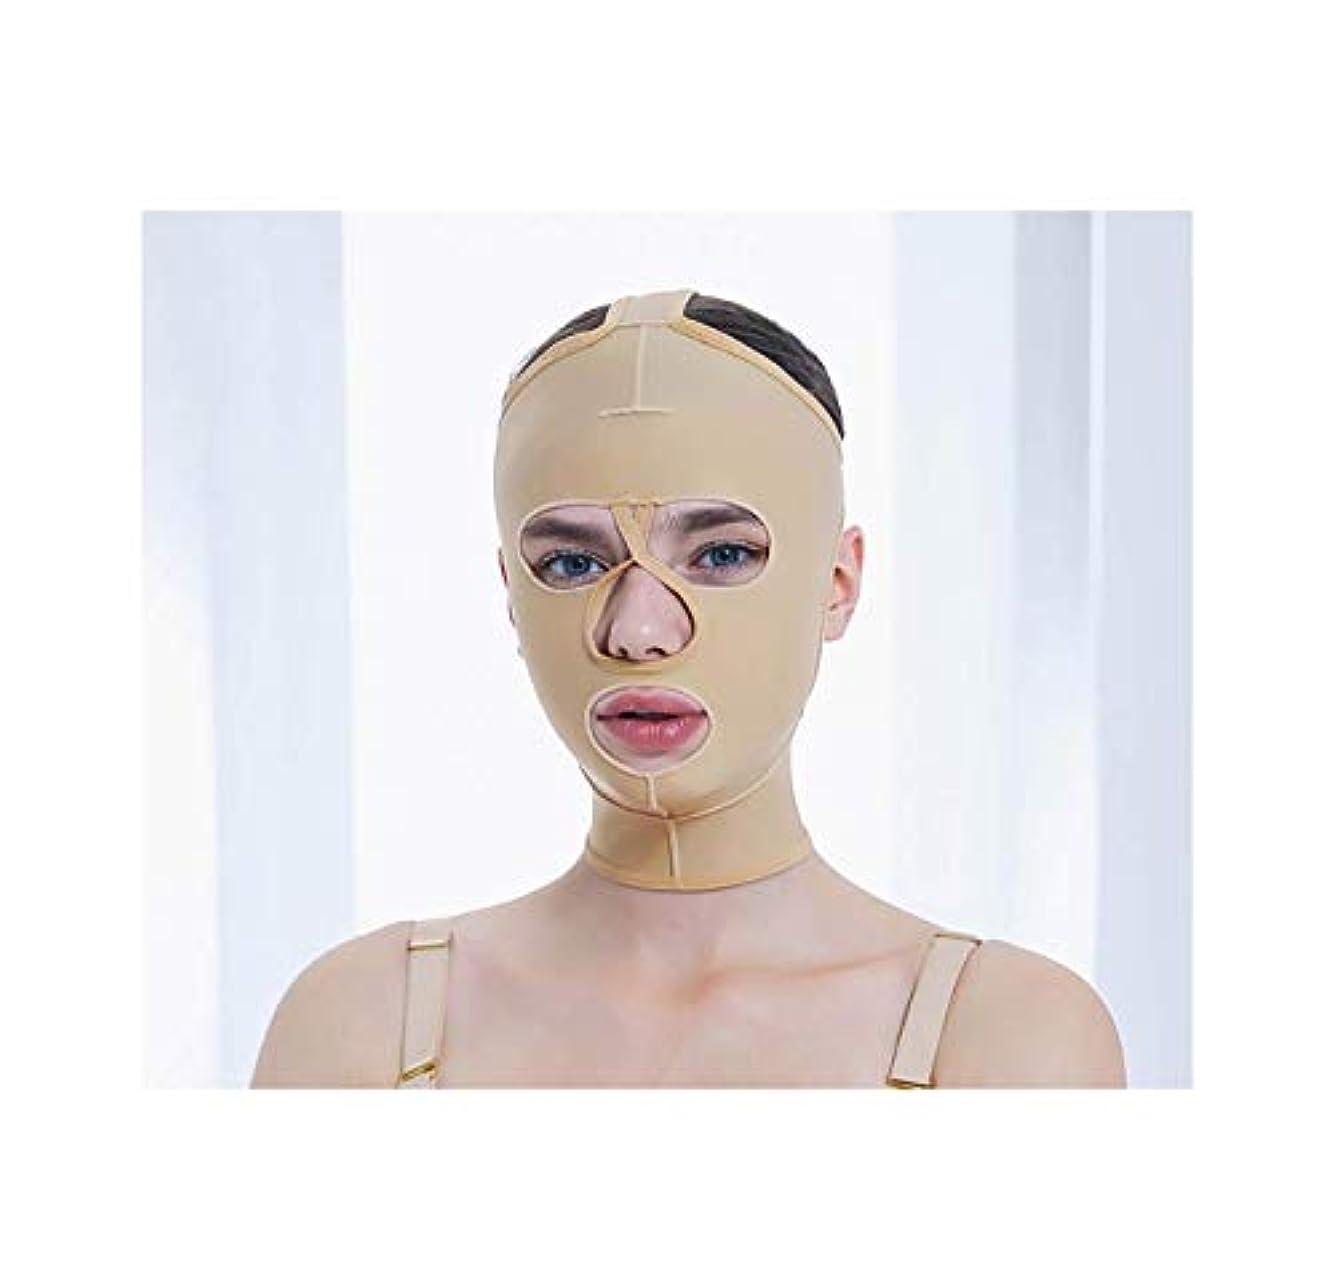 論理あえて参加者フェイス&ネックリフト、減量フェイスマスク脂肪吸引術脂肪吸引整形マスクフードフェイスリフティングアーティファクトVフェイスビームフェイス弾性スリーブ(サイズ:XS),XS